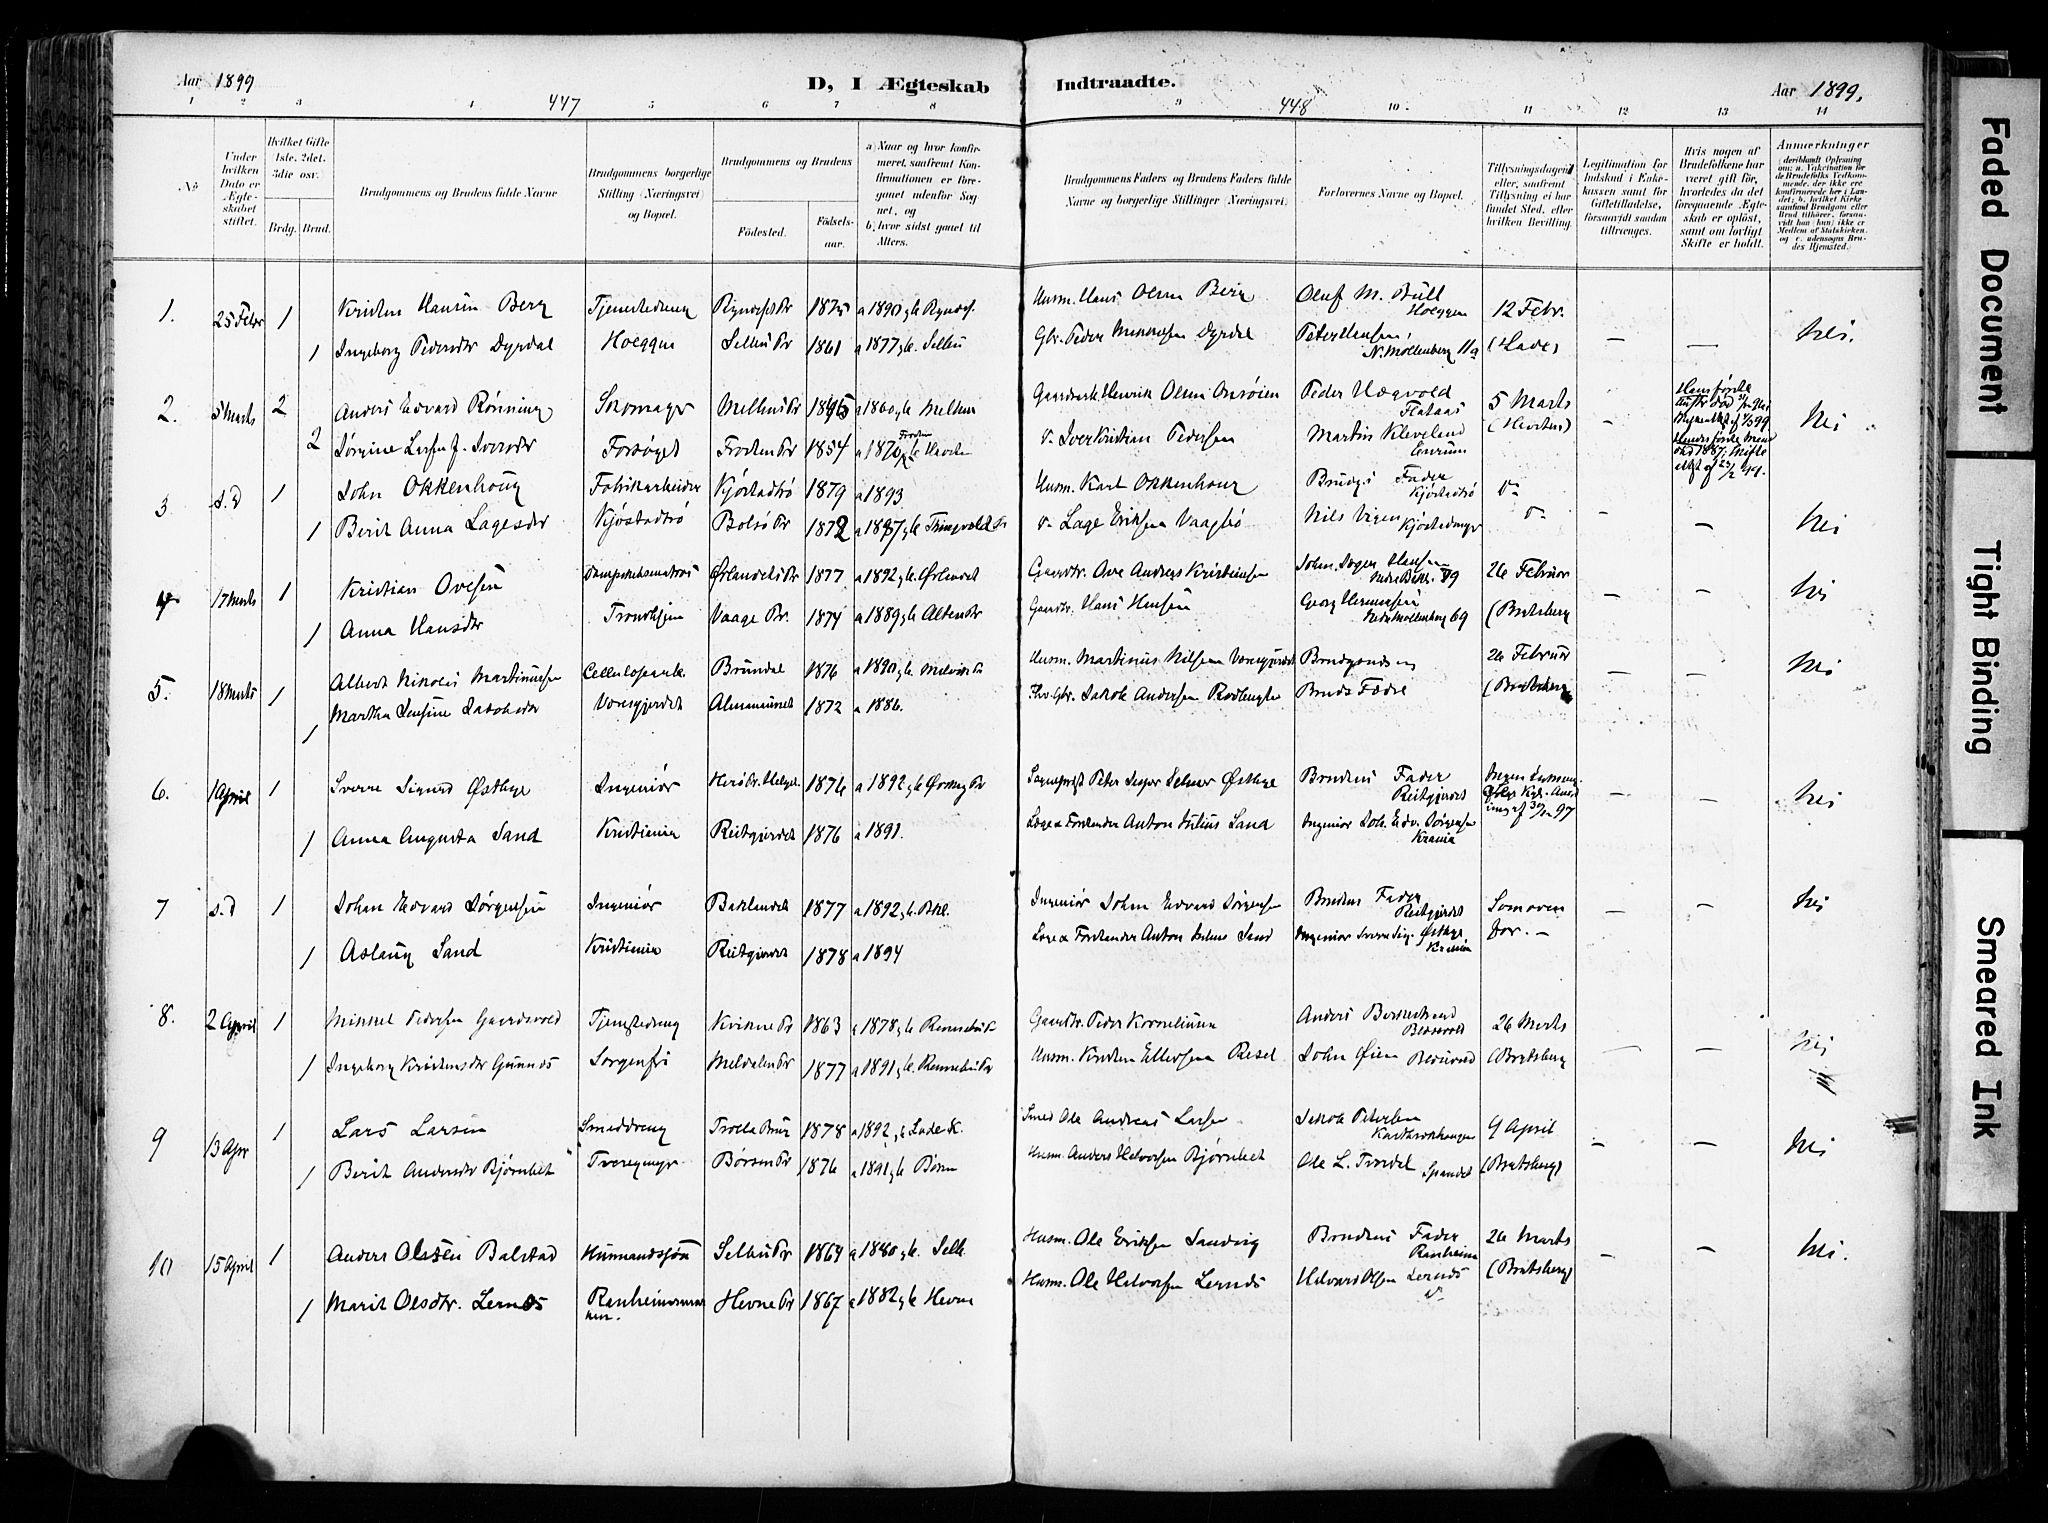 SAT, Ministerialprotokoller, klokkerbøker og fødselsregistre - Sør-Trøndelag, 606/L0301: Ministerialbok nr. 606A16, 1894-1907, s. 447-448